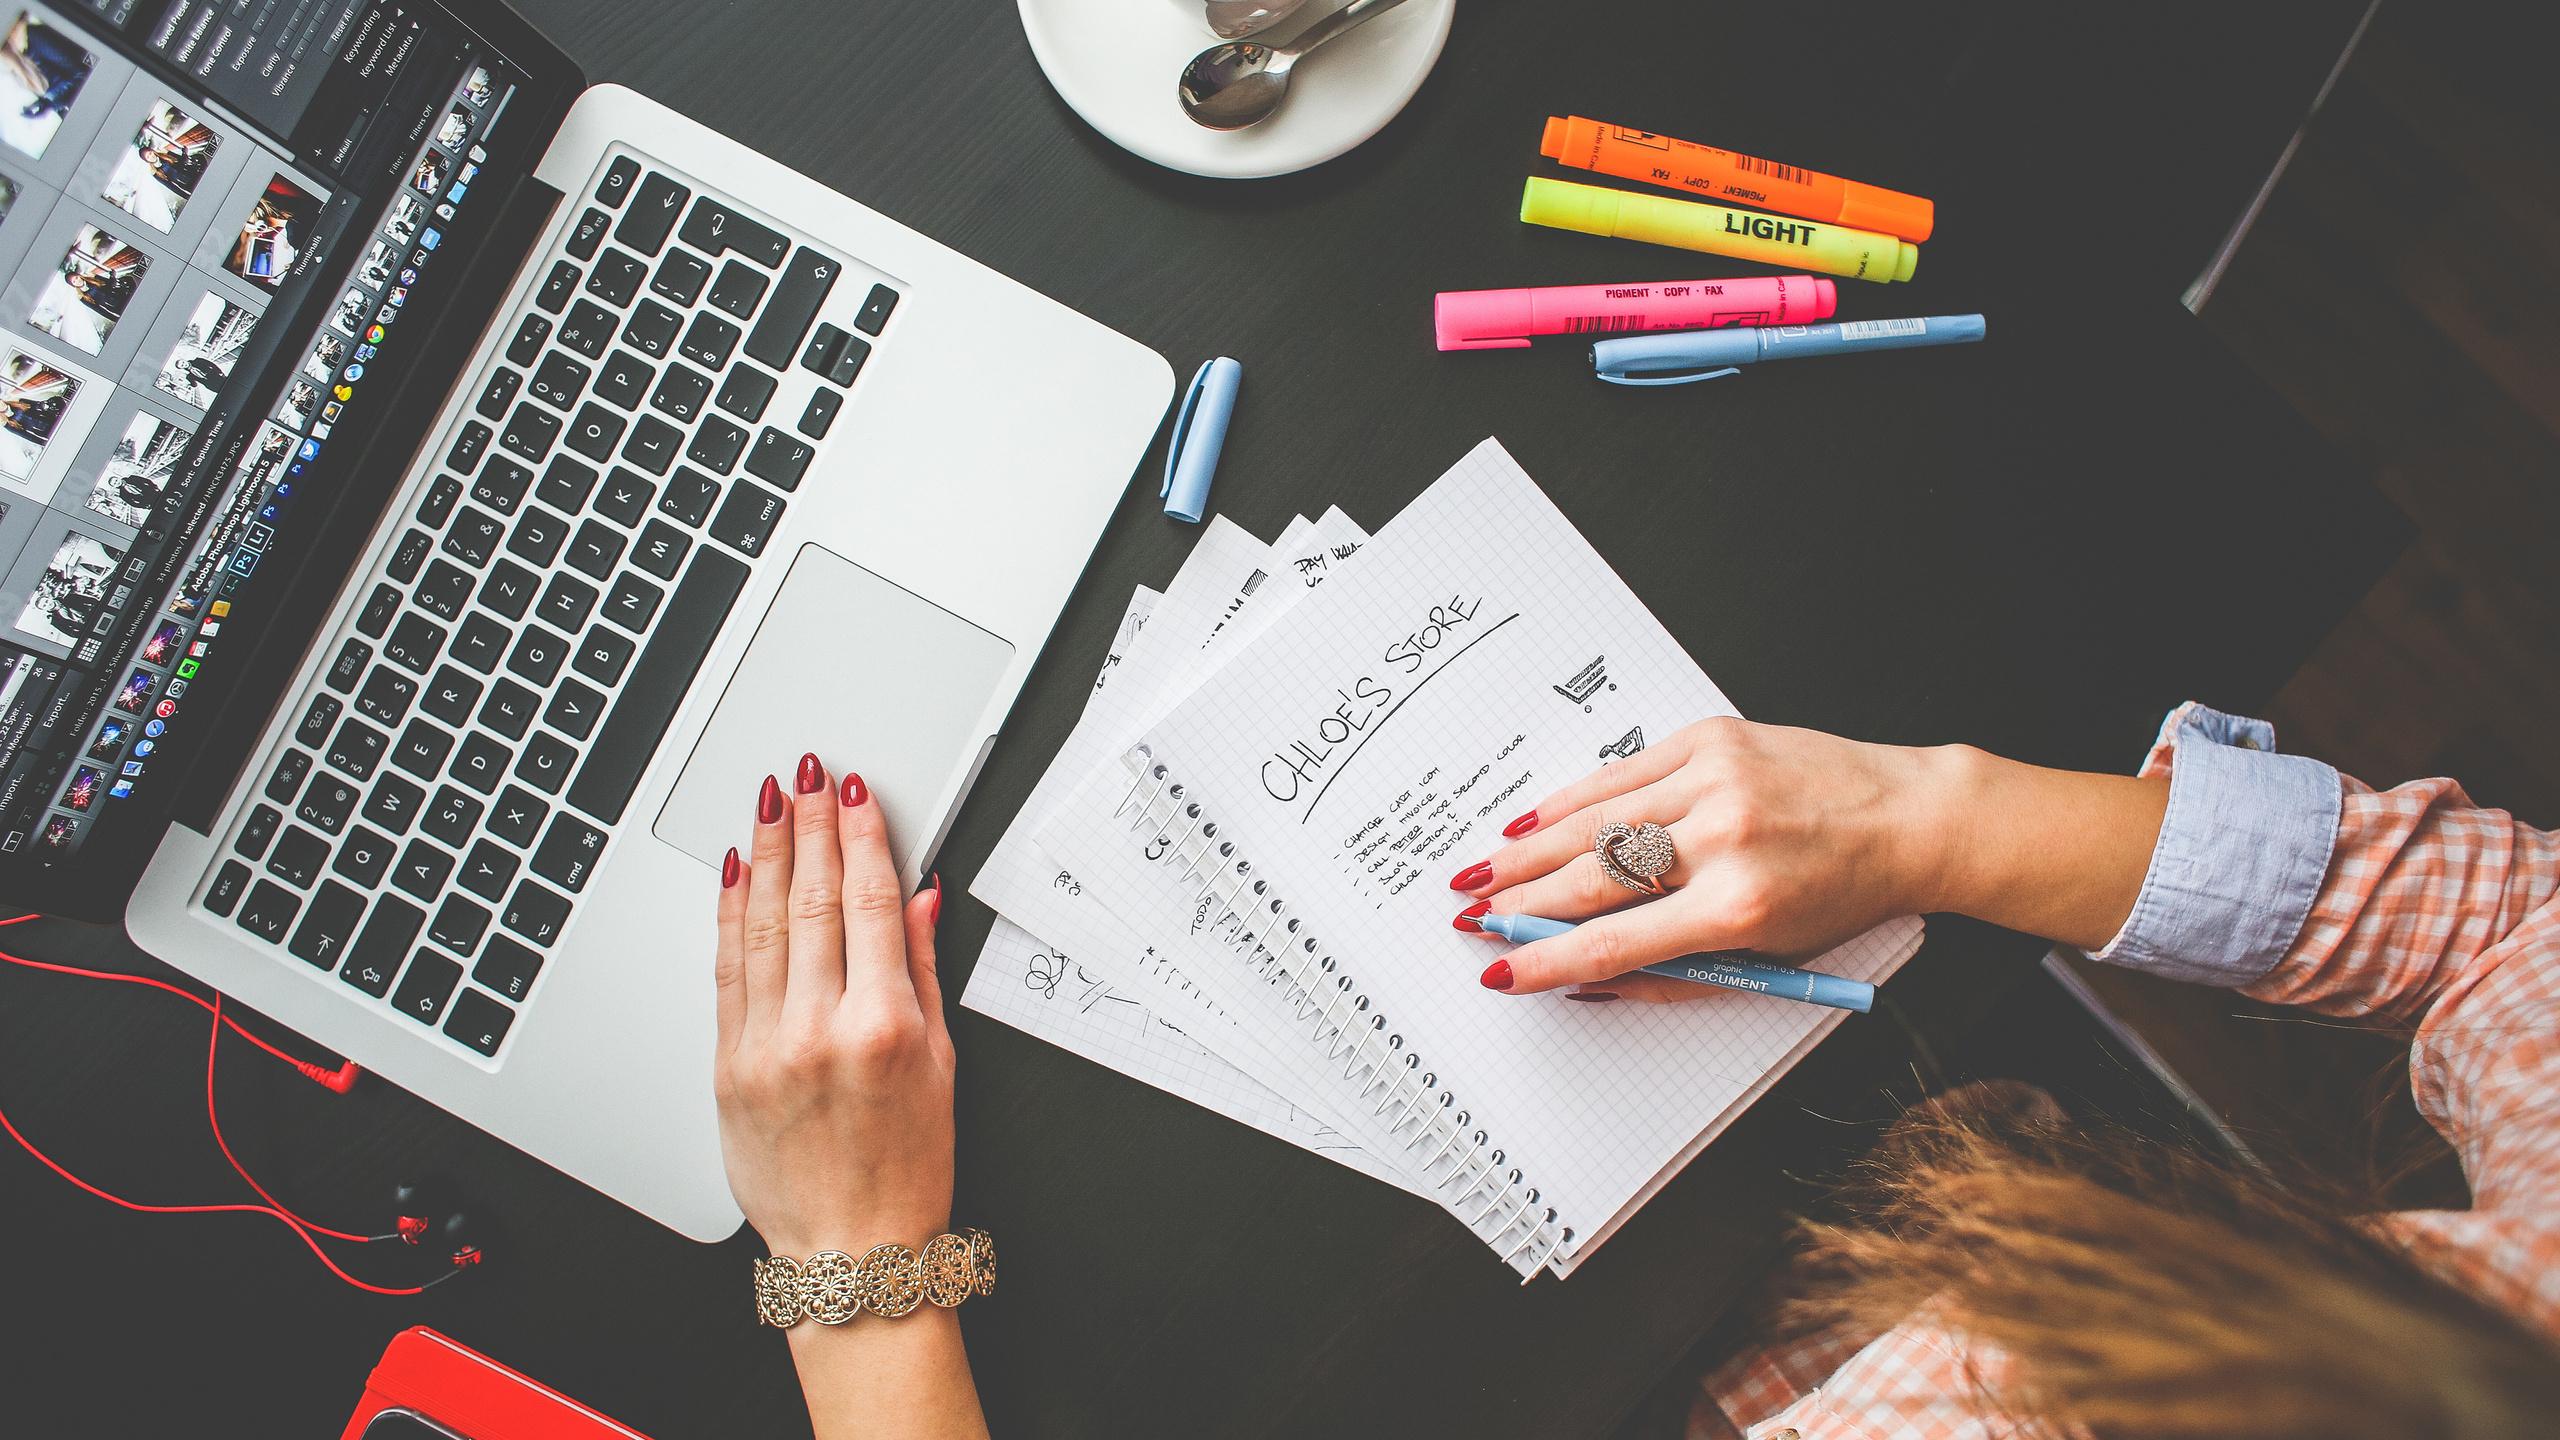 Jasa Penulis Artikel Di Internet